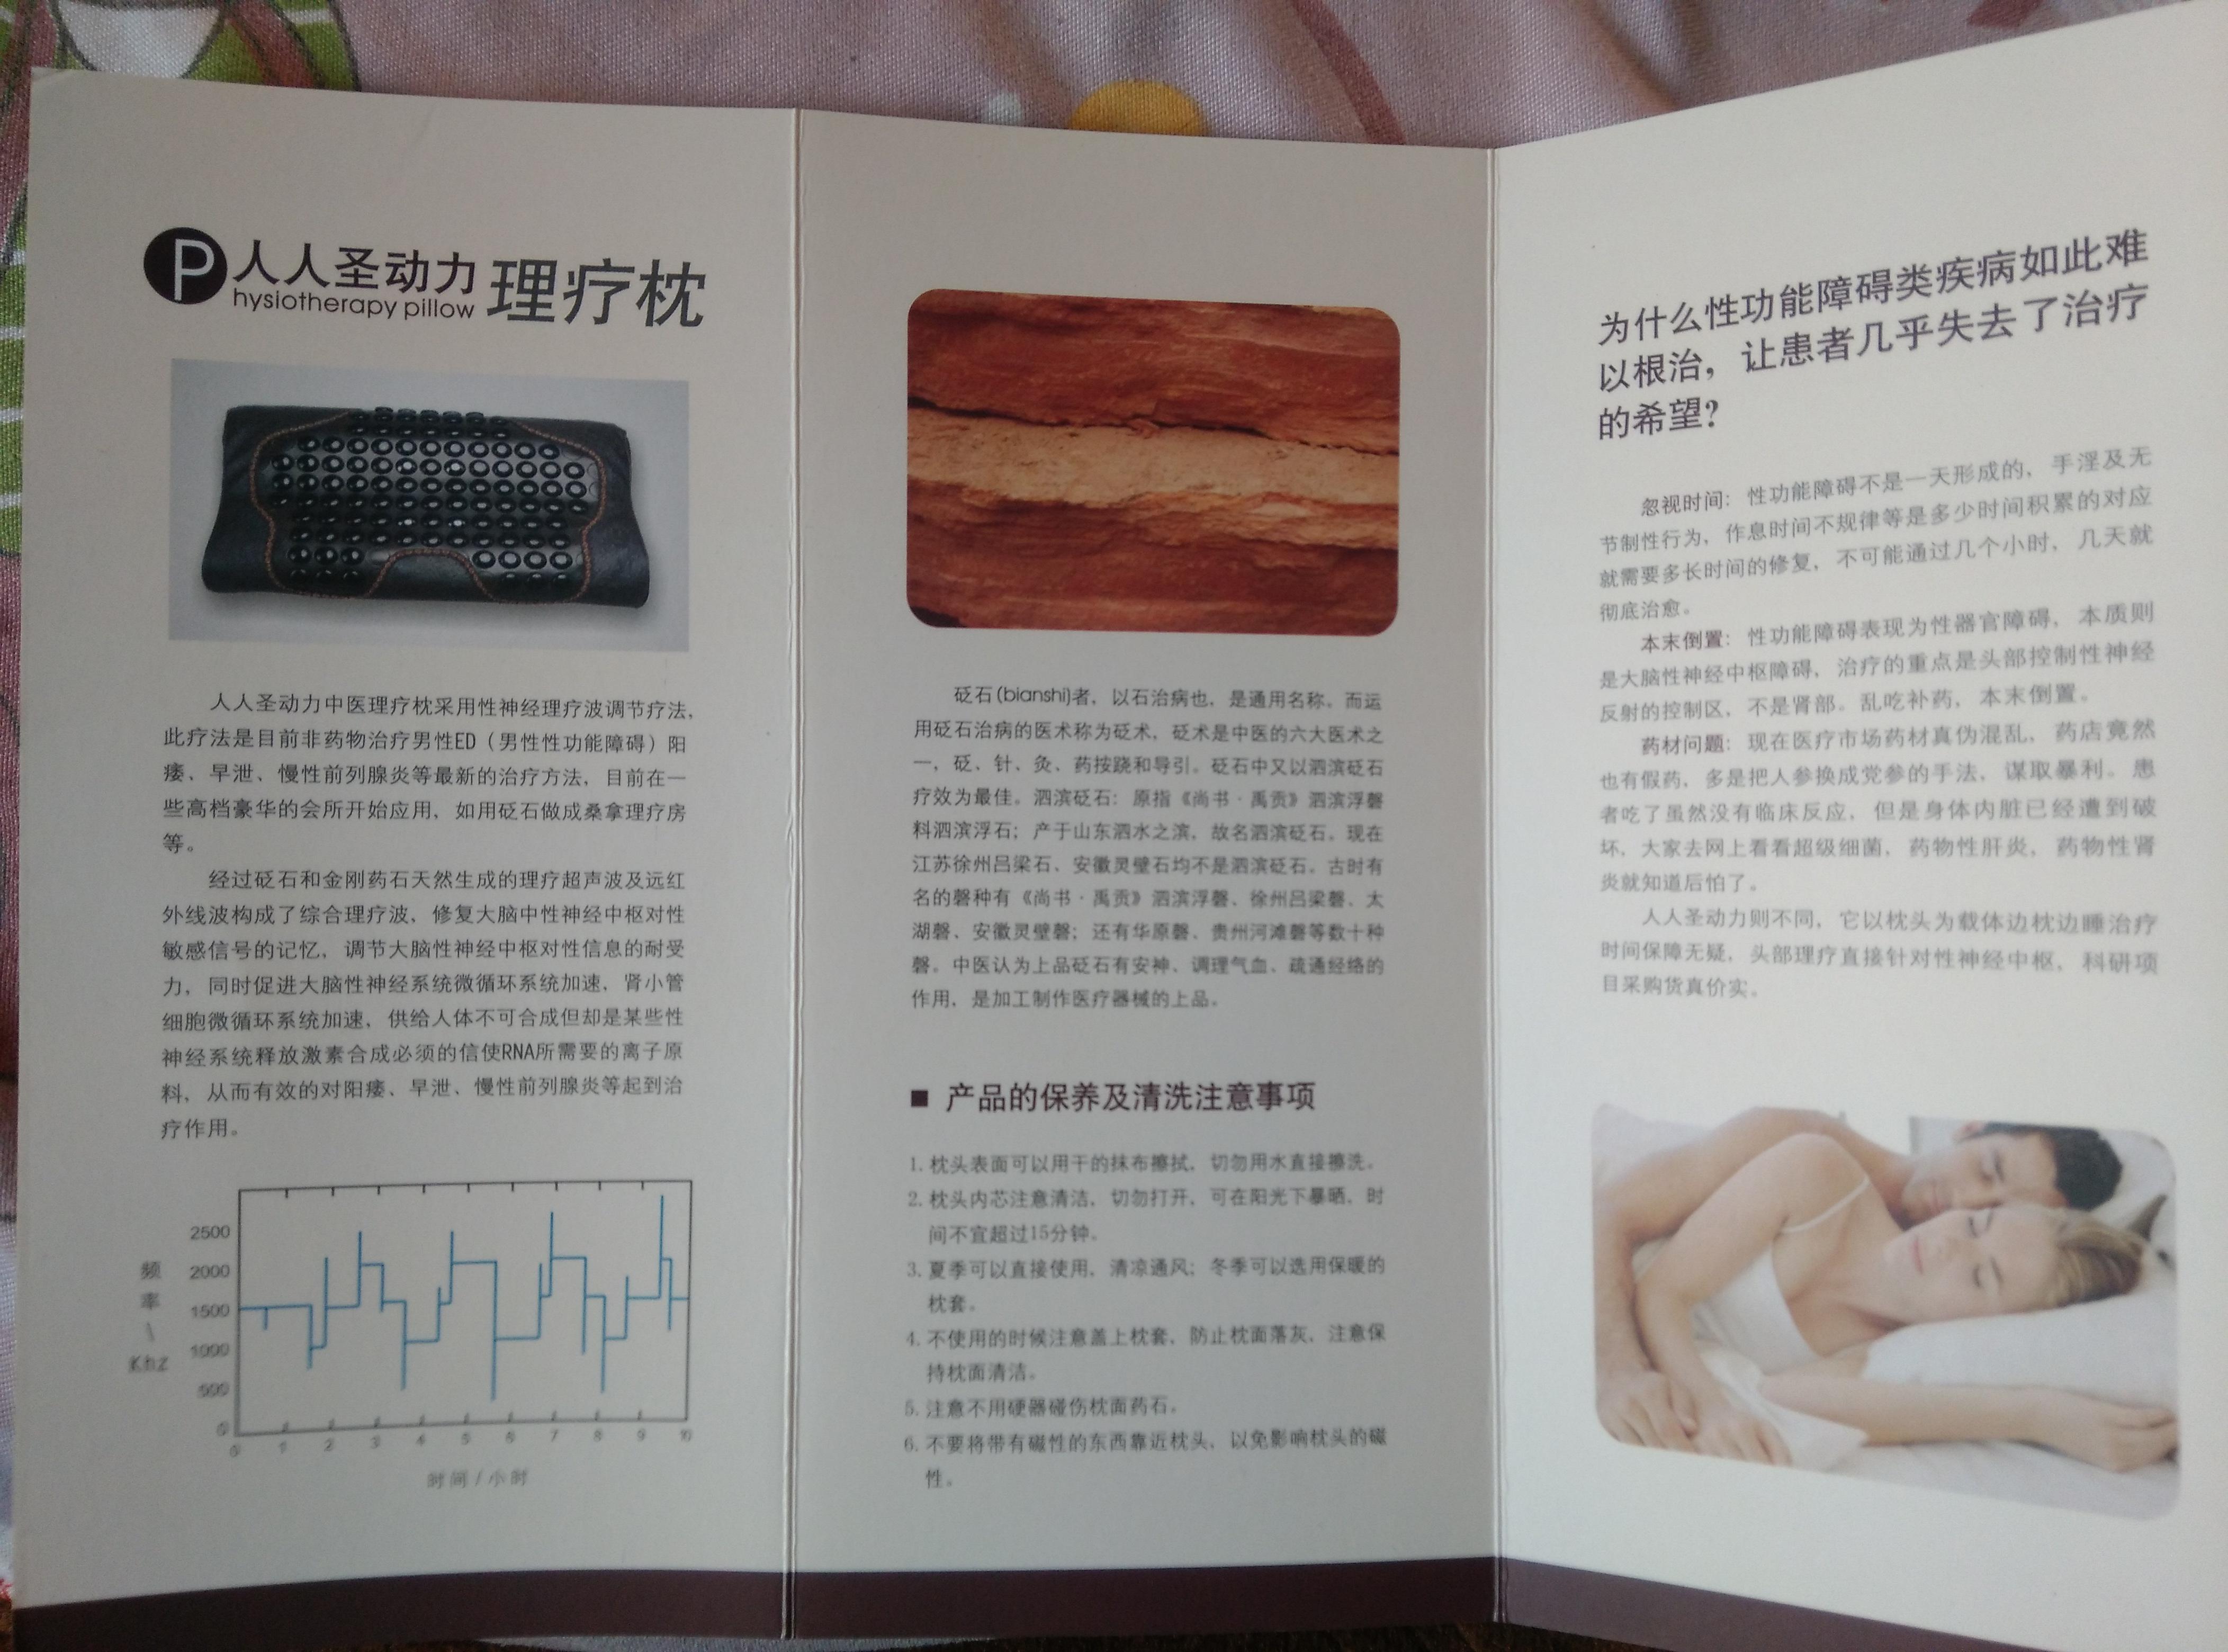 揭露人人圣动力理疗枕骗局-男性健康网